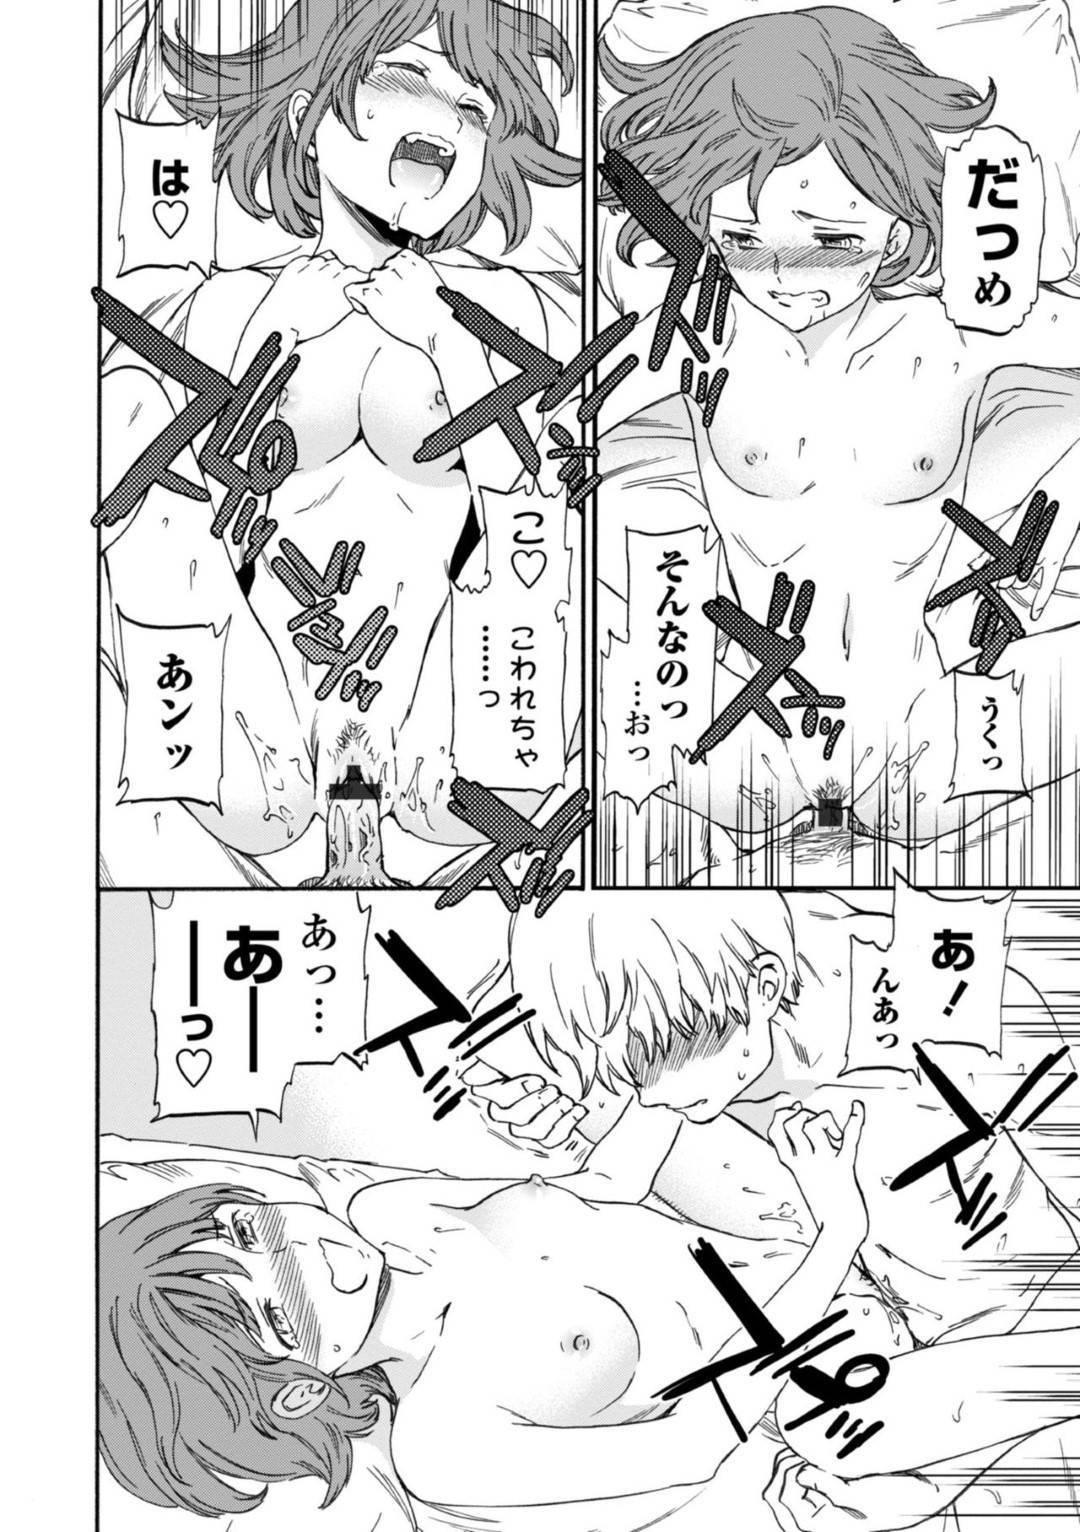 【いちゃラブJKエロ漫画】彼氏と初体験したら気まずくなってしまったスレンダーなJKの彼女は、一回目は痛がってたけど今回はゆっくり濡らした後正常位でいちゃラブ中出しセックスする【Cuvie】